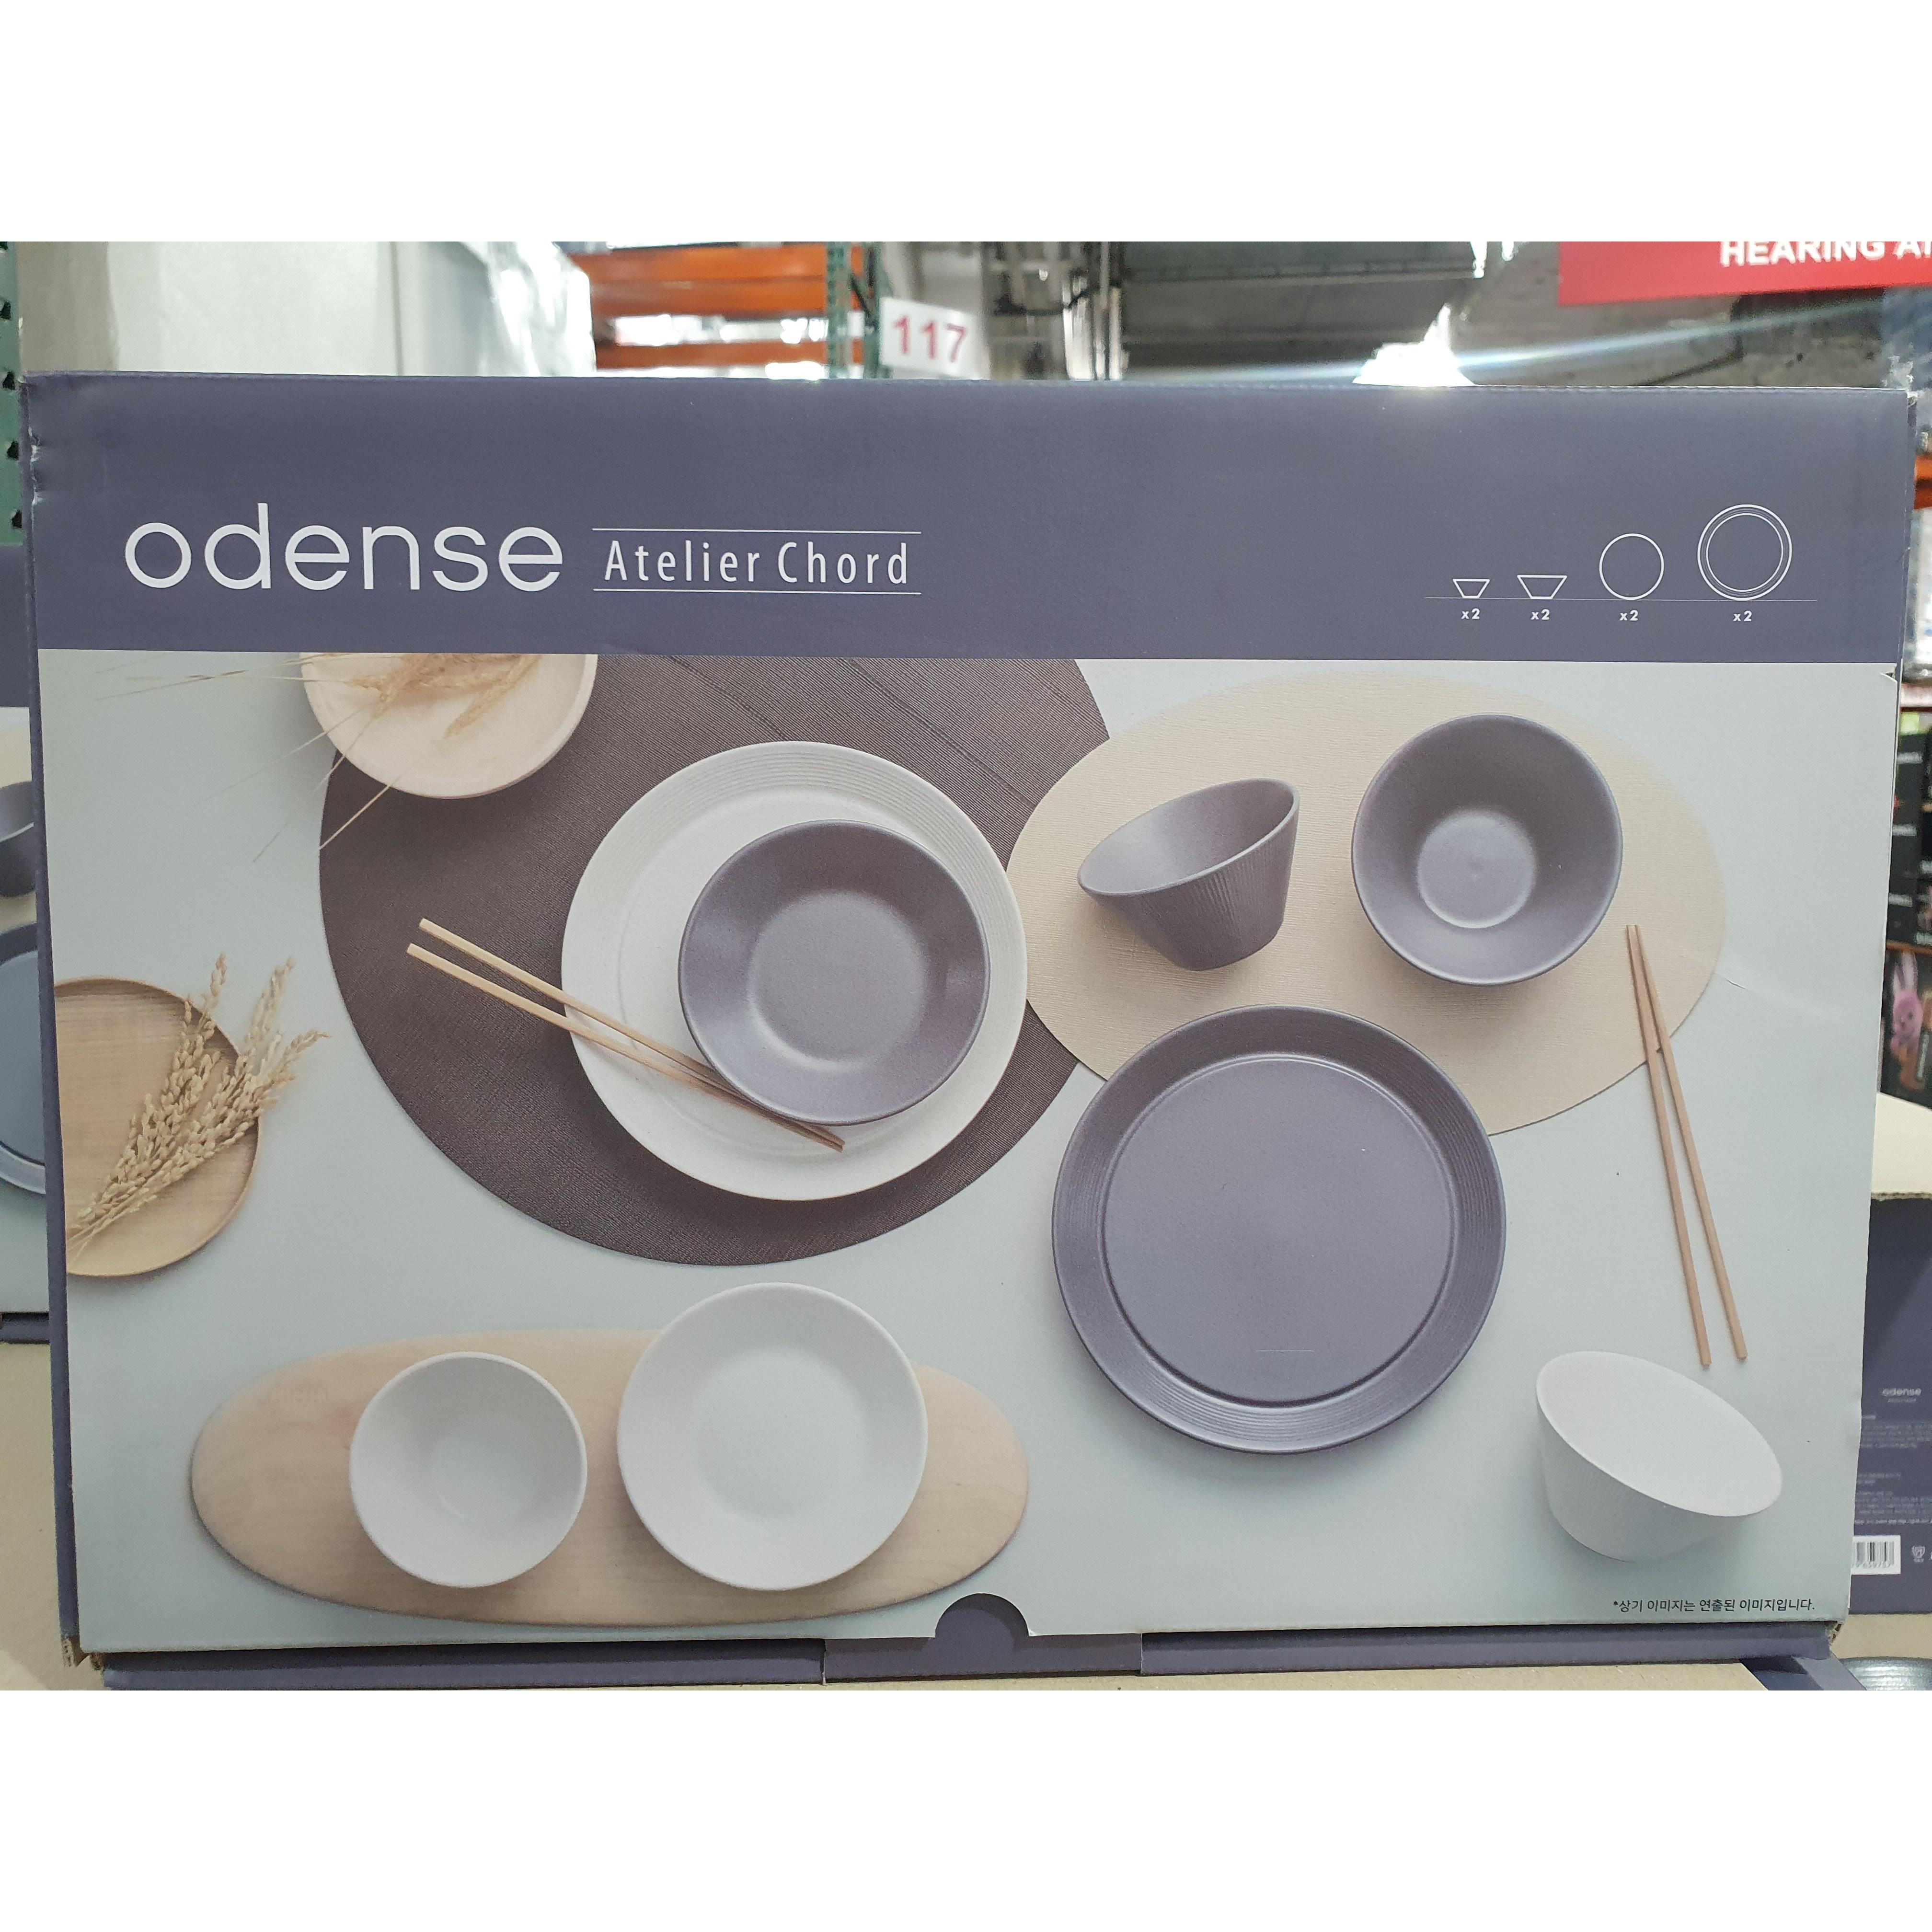 오덴세 ODENSE 아틀리에 코드 디너웨어 2인 혼수 밥그릇 국그릇 한식기 세트 8P 코스트코